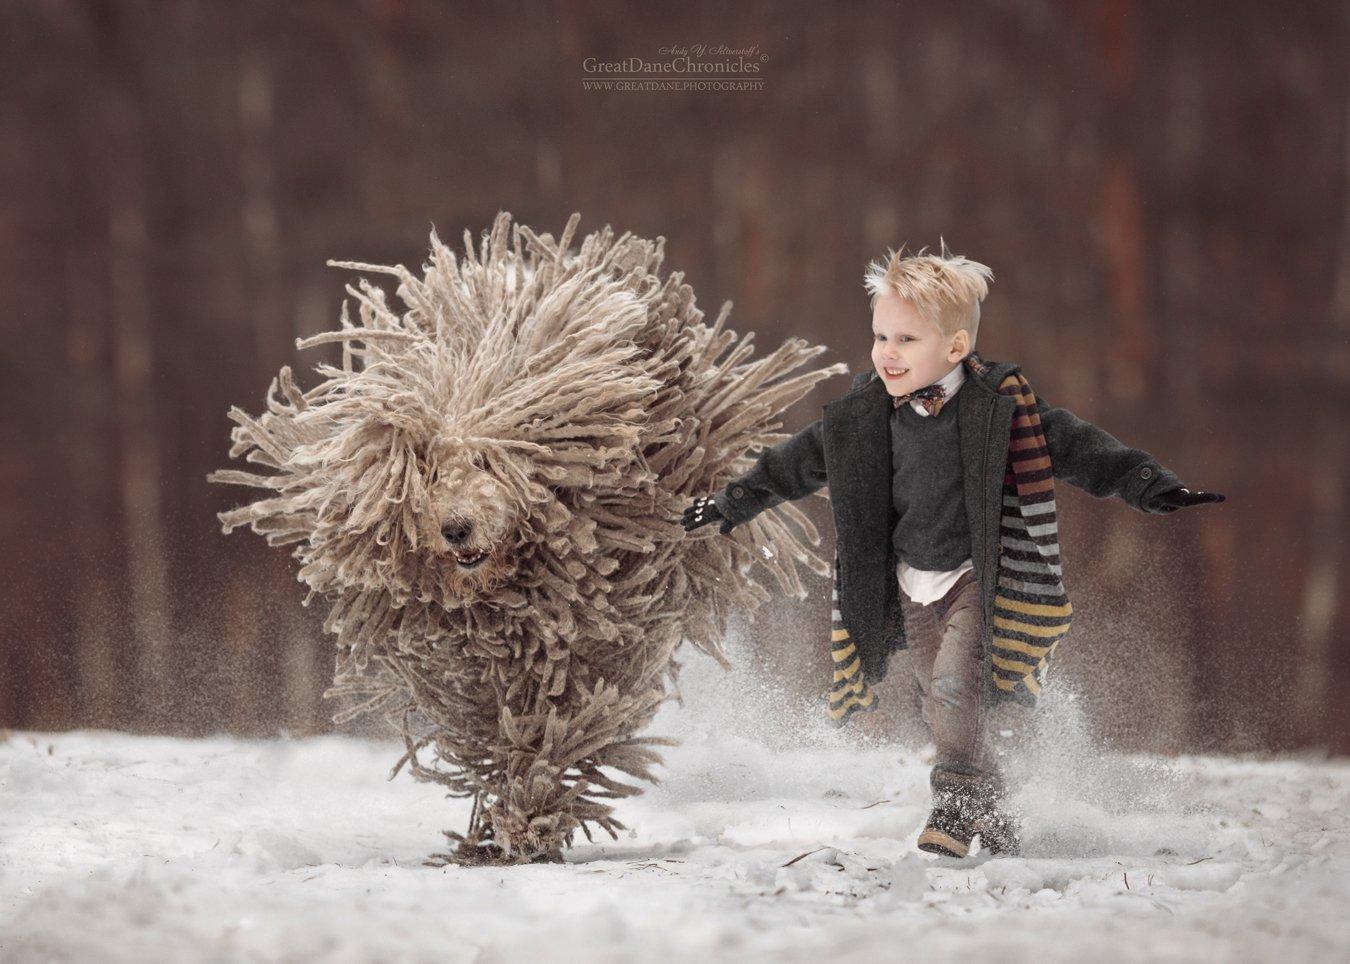 Комондор, Венгерская овчарка, Собака, Зима, Ребенок, Андрей Селиверстов